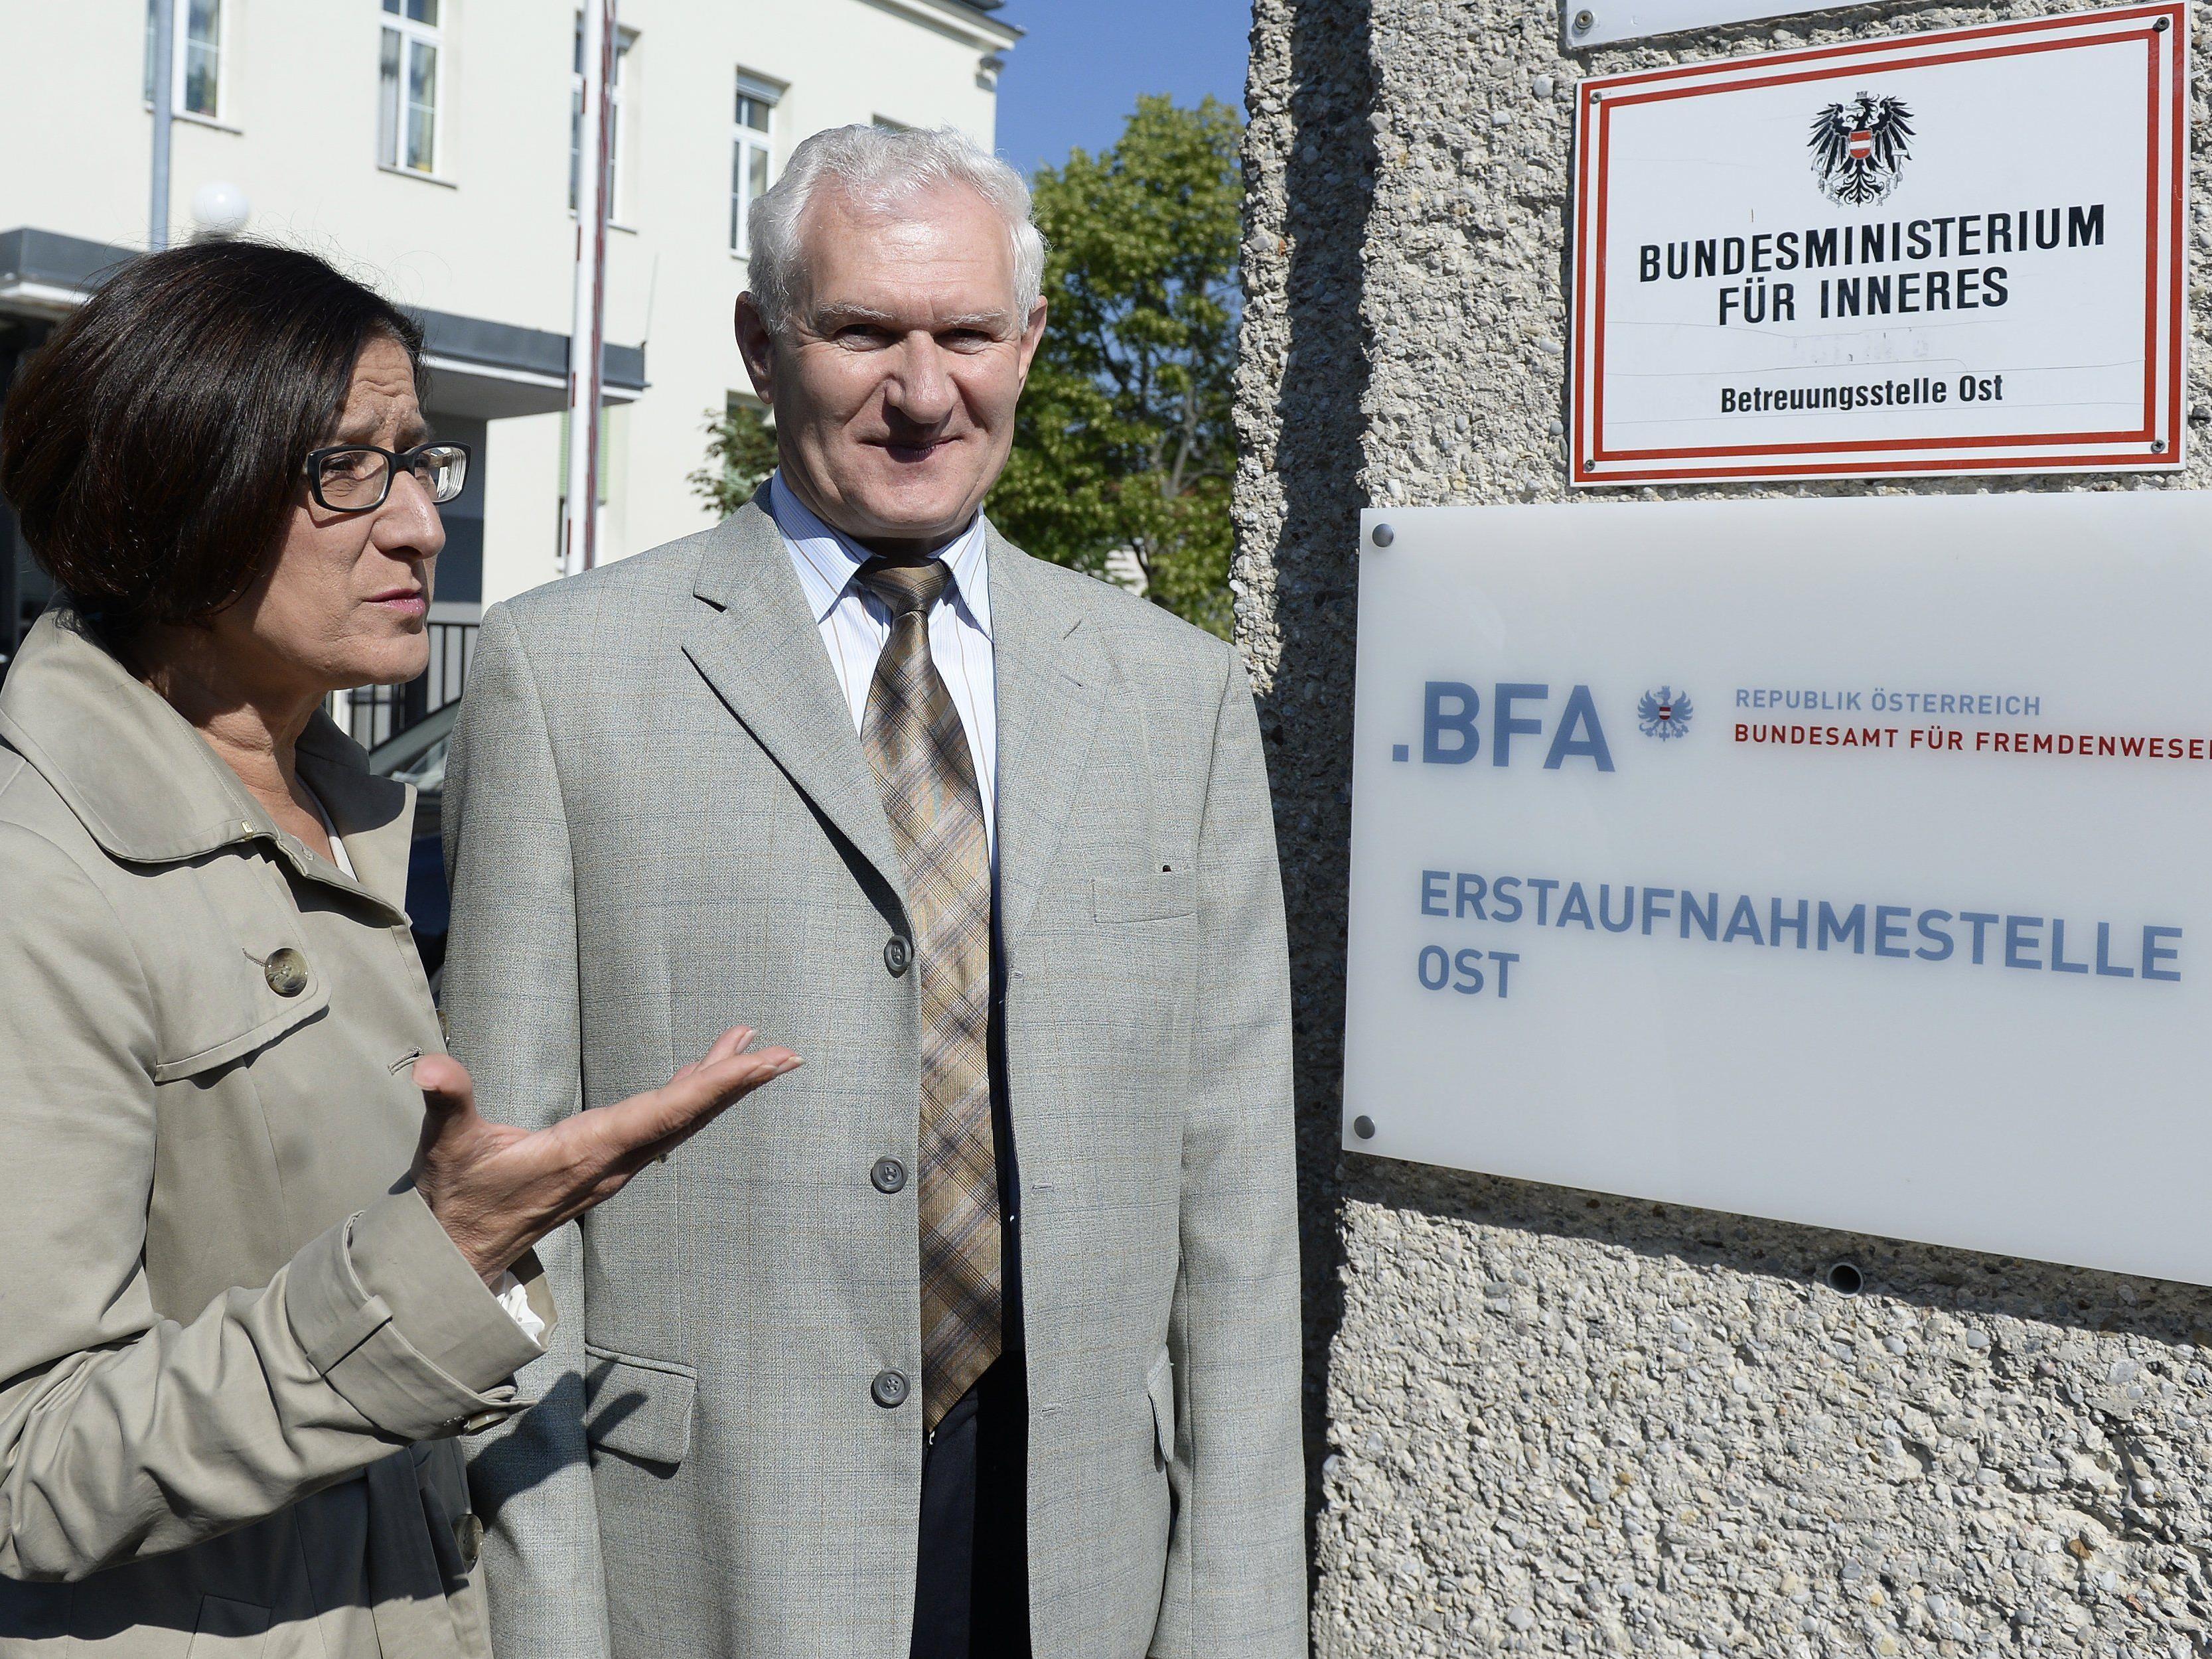 Innenministerin Mikl-Leitner will die Bundesländer beim Asylwesen mehr einbinden.